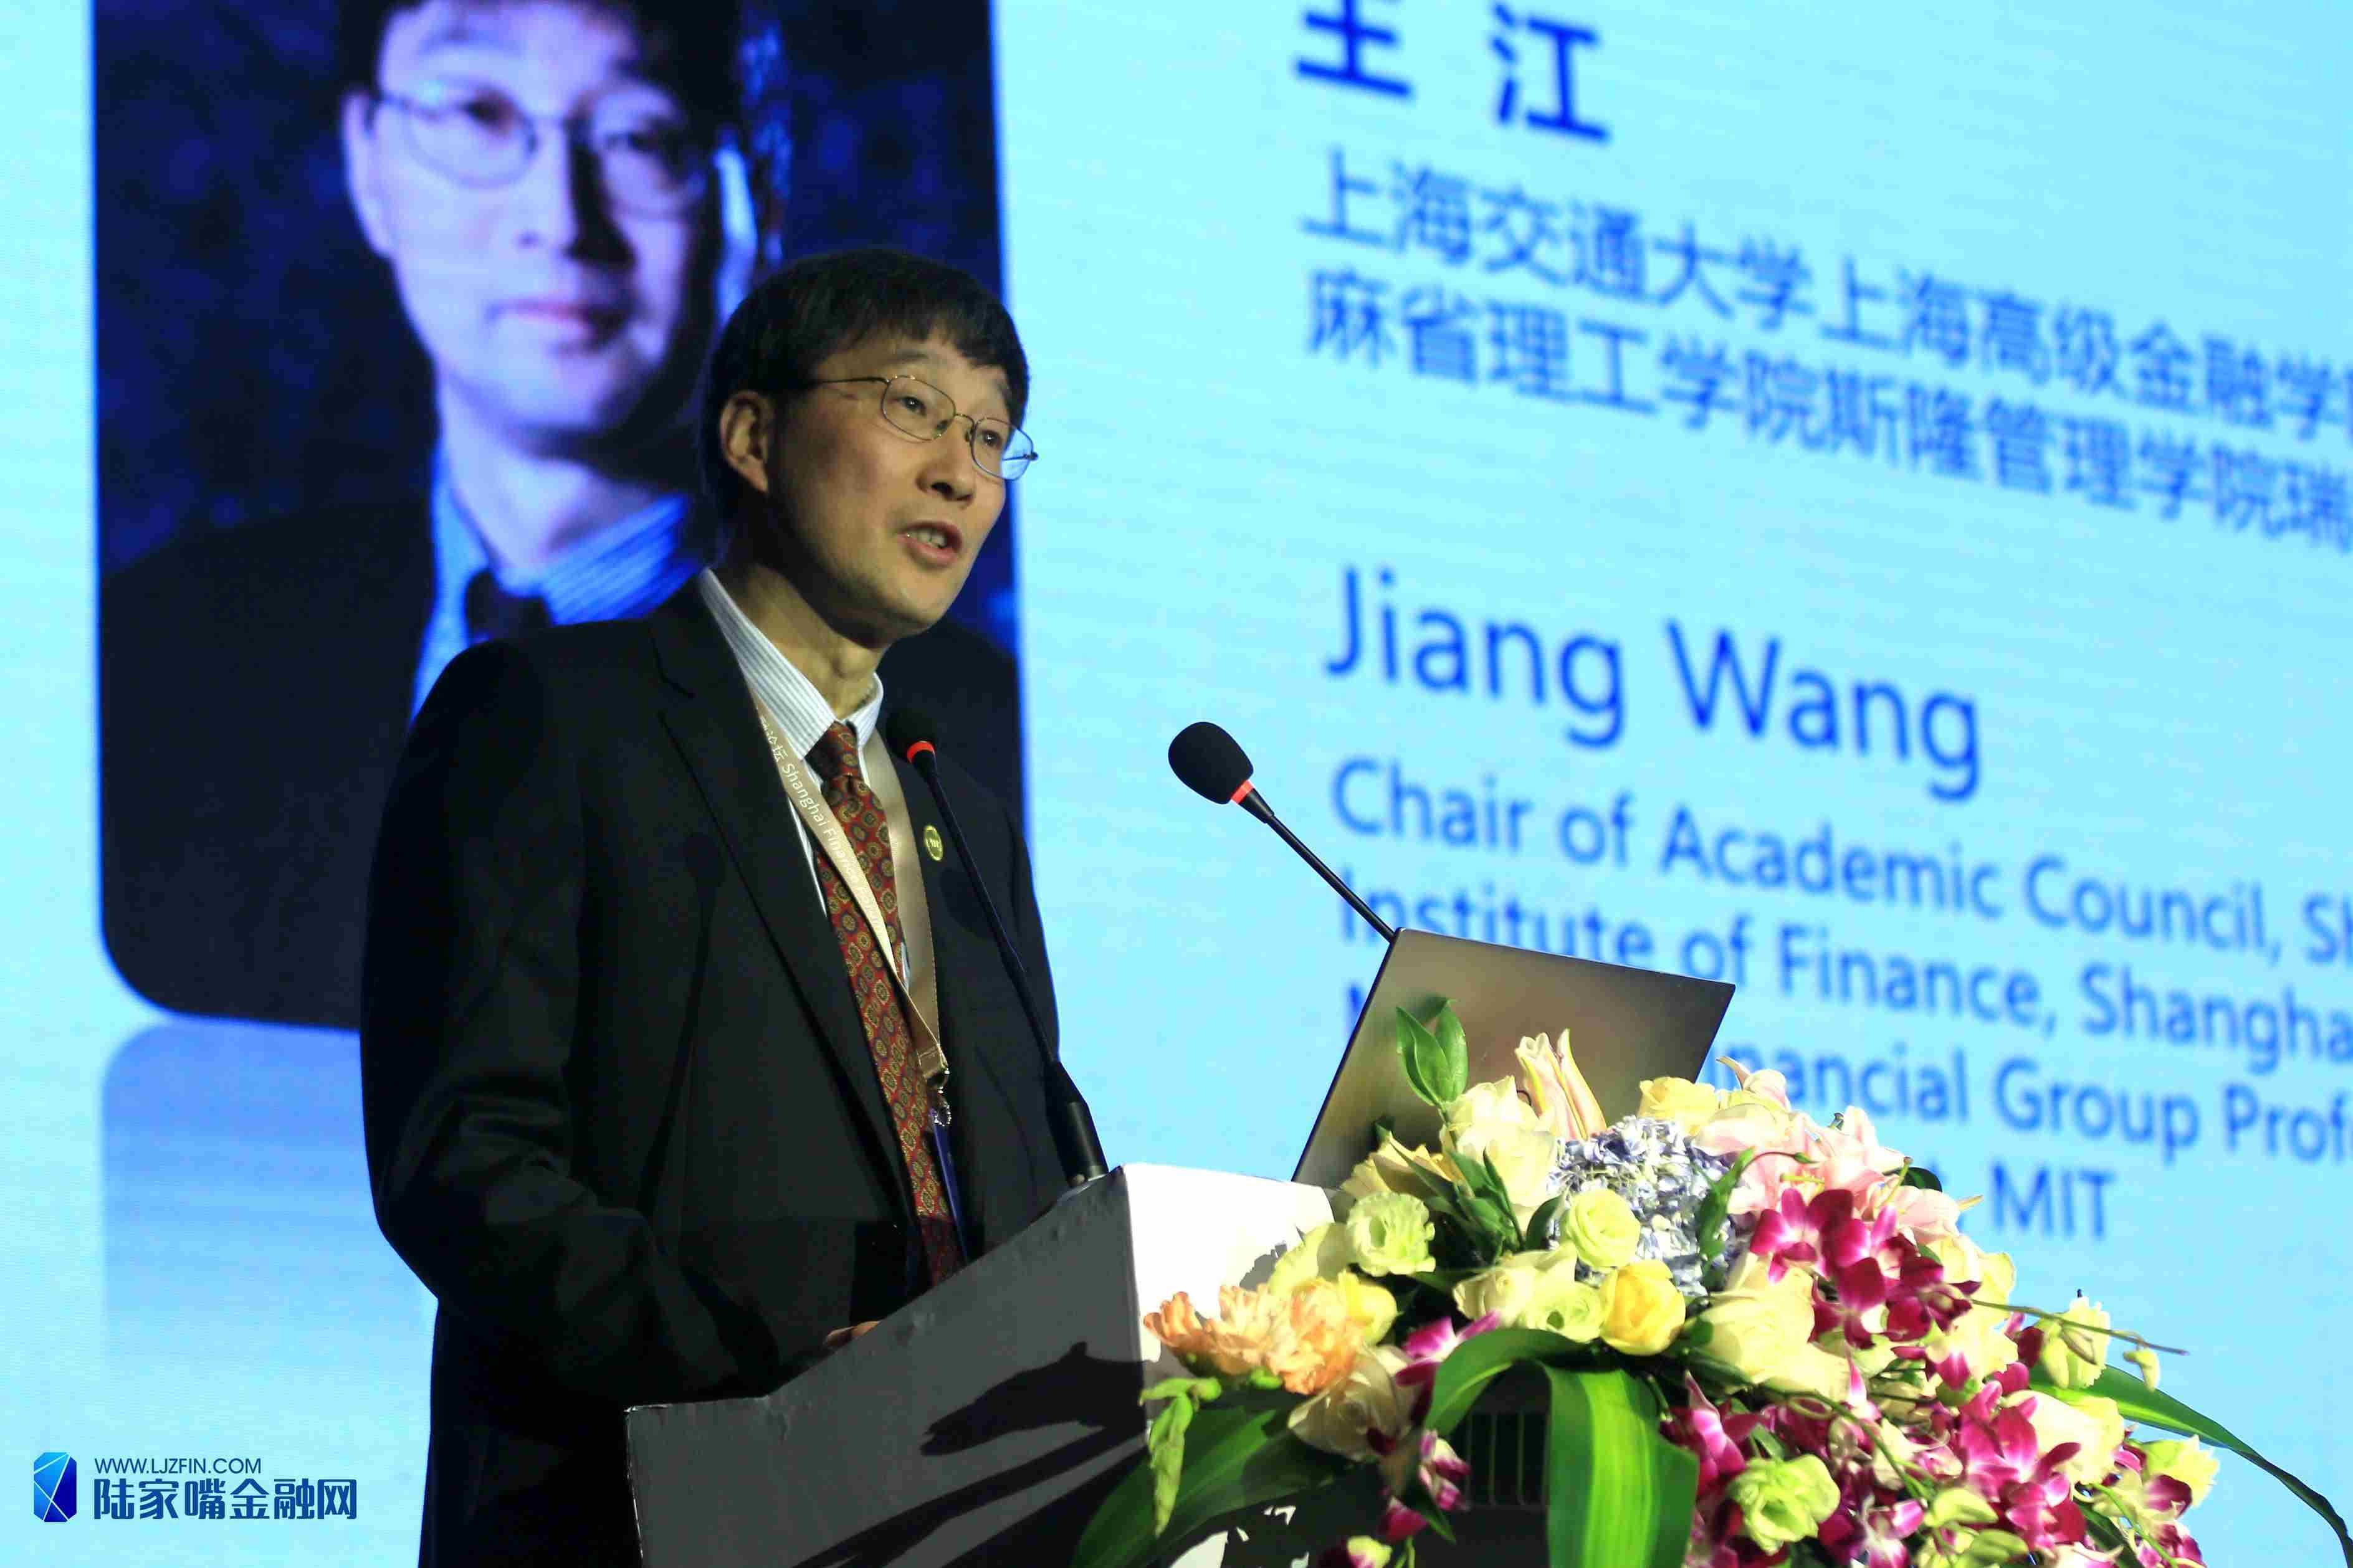 上海高金学院学术委员会主席:全球经济正面临四大方面变革